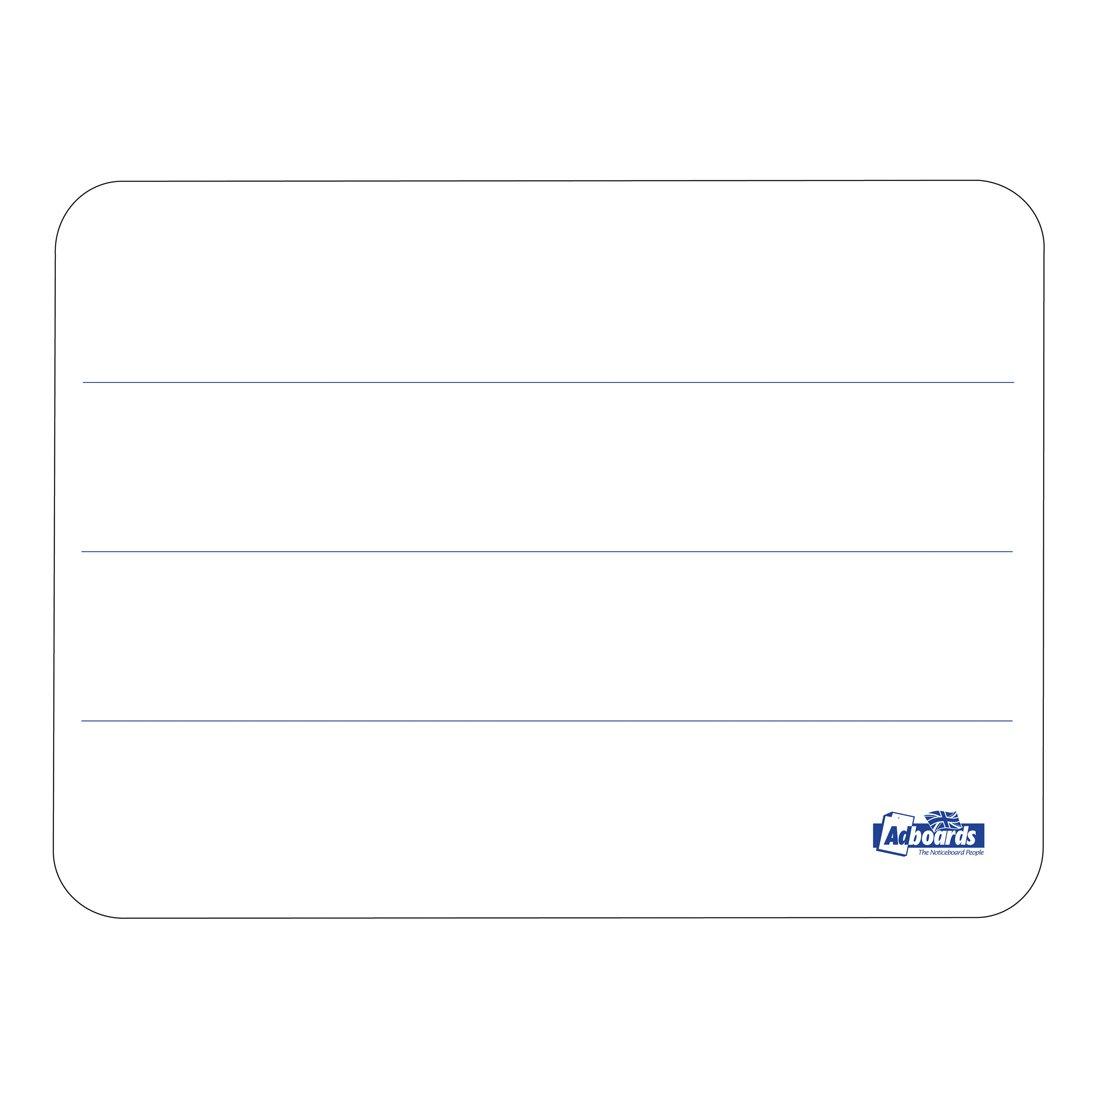 Adboards Plastic Lap Board A4 3 Line/Plain (30) JUF3-30A4-99